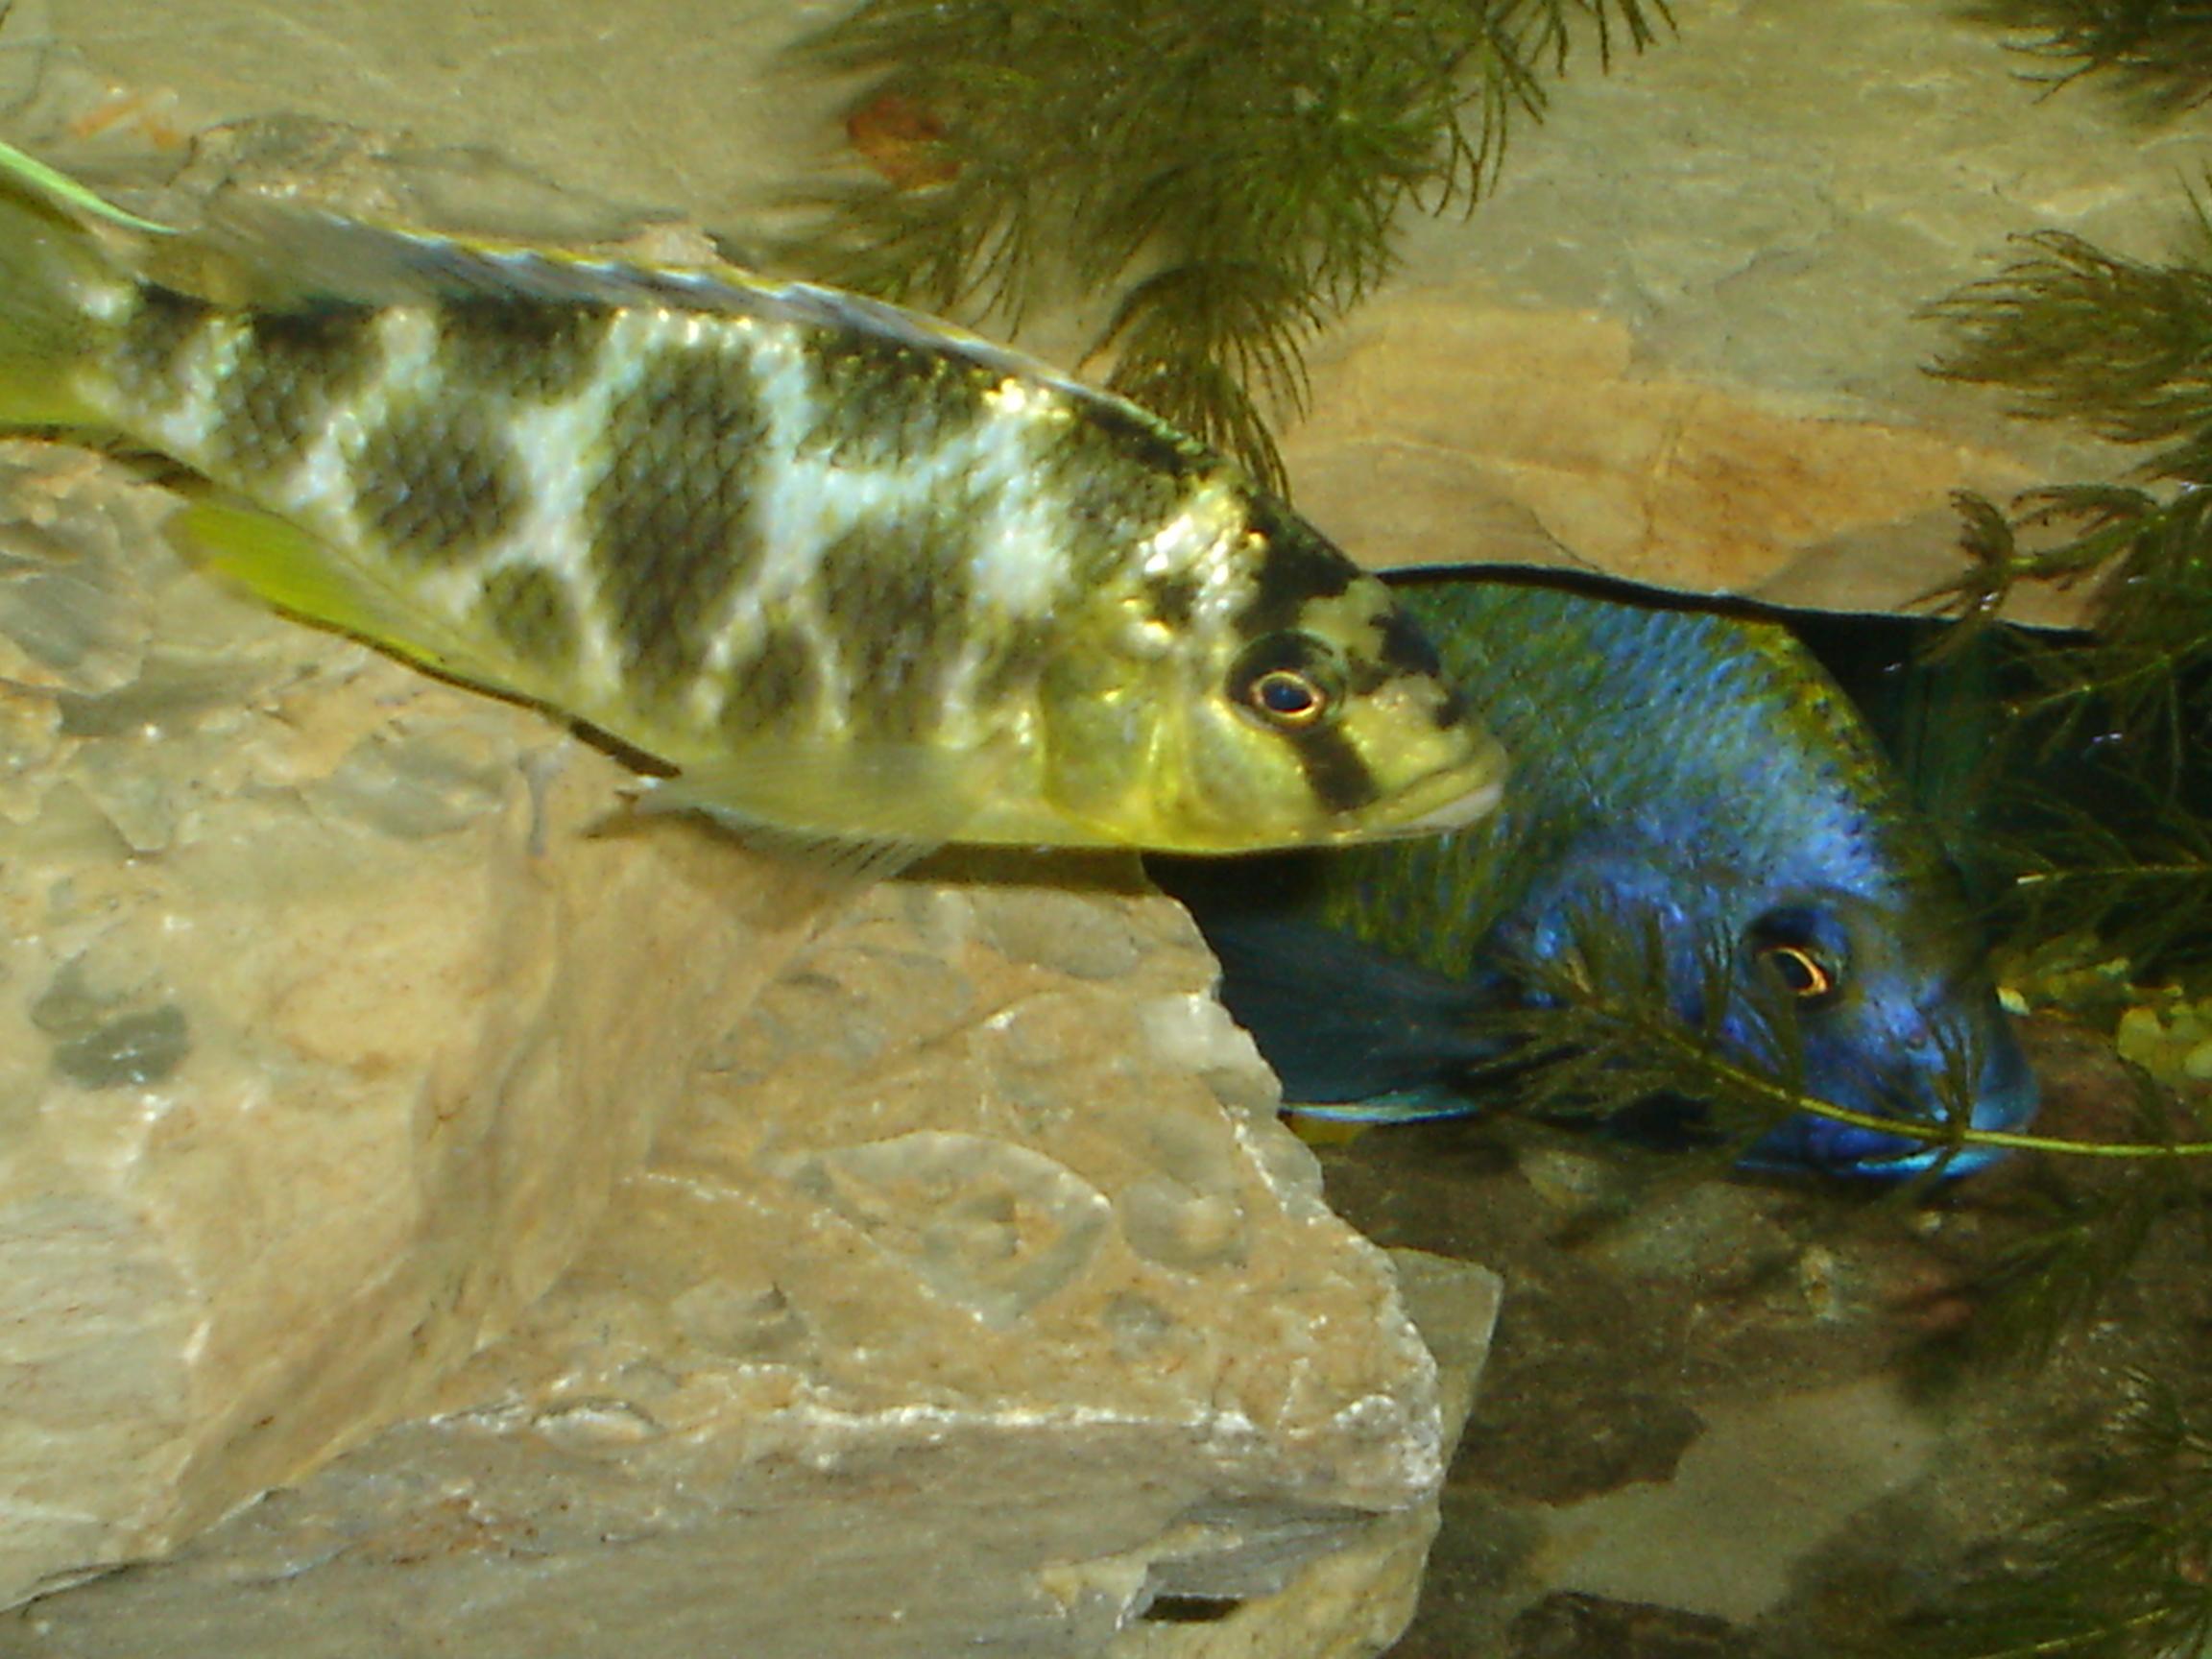 Nimbochromis venustus pereche